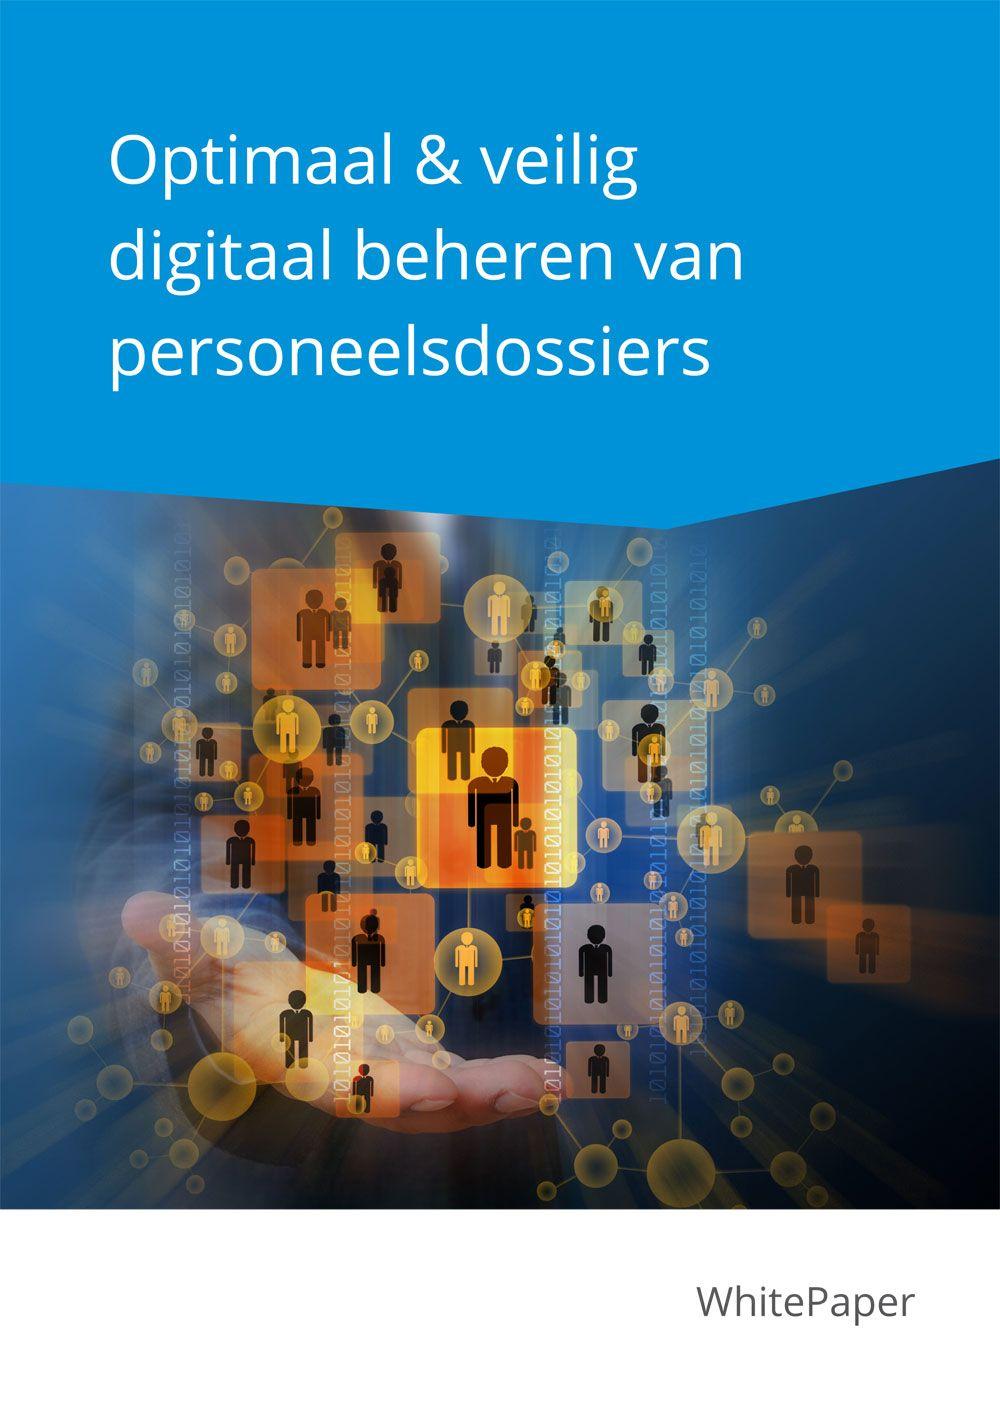 WhitePaper-Optimaal-veilig-digitaal-beheren-van-personeelsdossiers-met-DMS